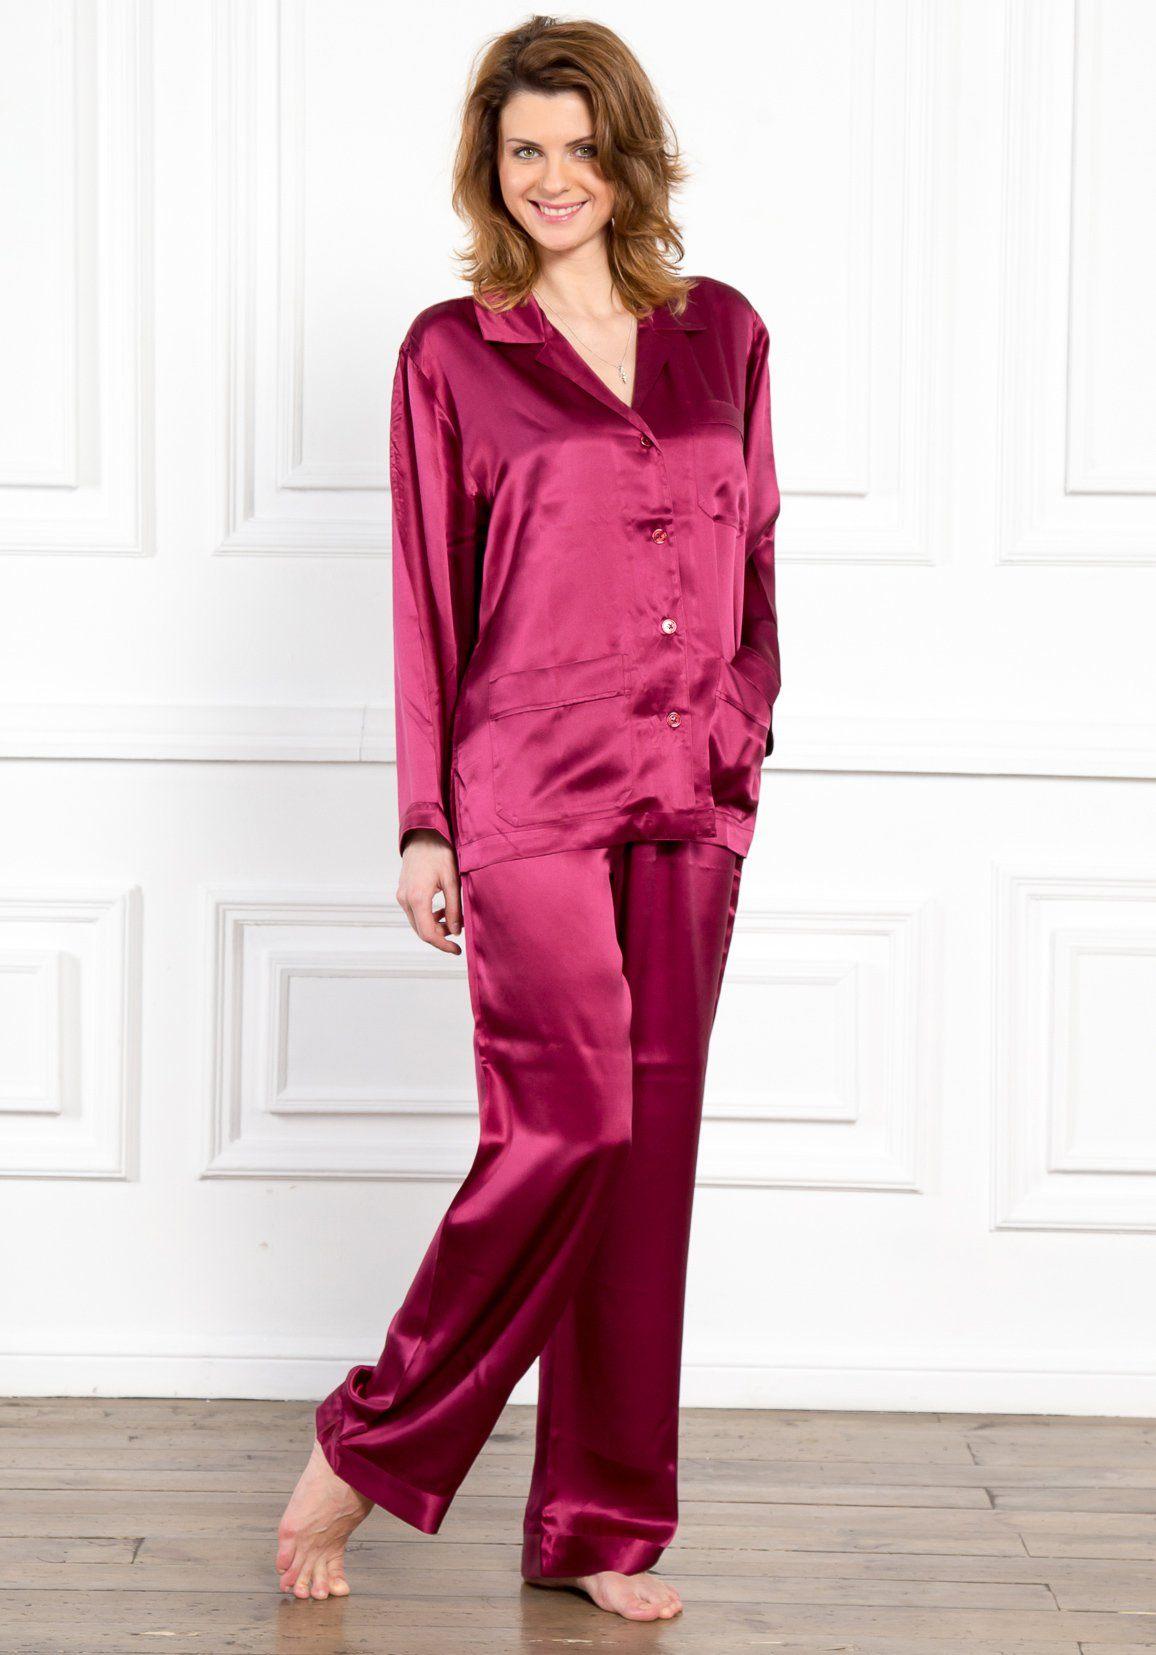 0a51b7776c215 Одним из наиболее изысканных и привлекательных материалов, позволяющих  женщине чувствовать себя уверенно и роскошно, считается шелк.